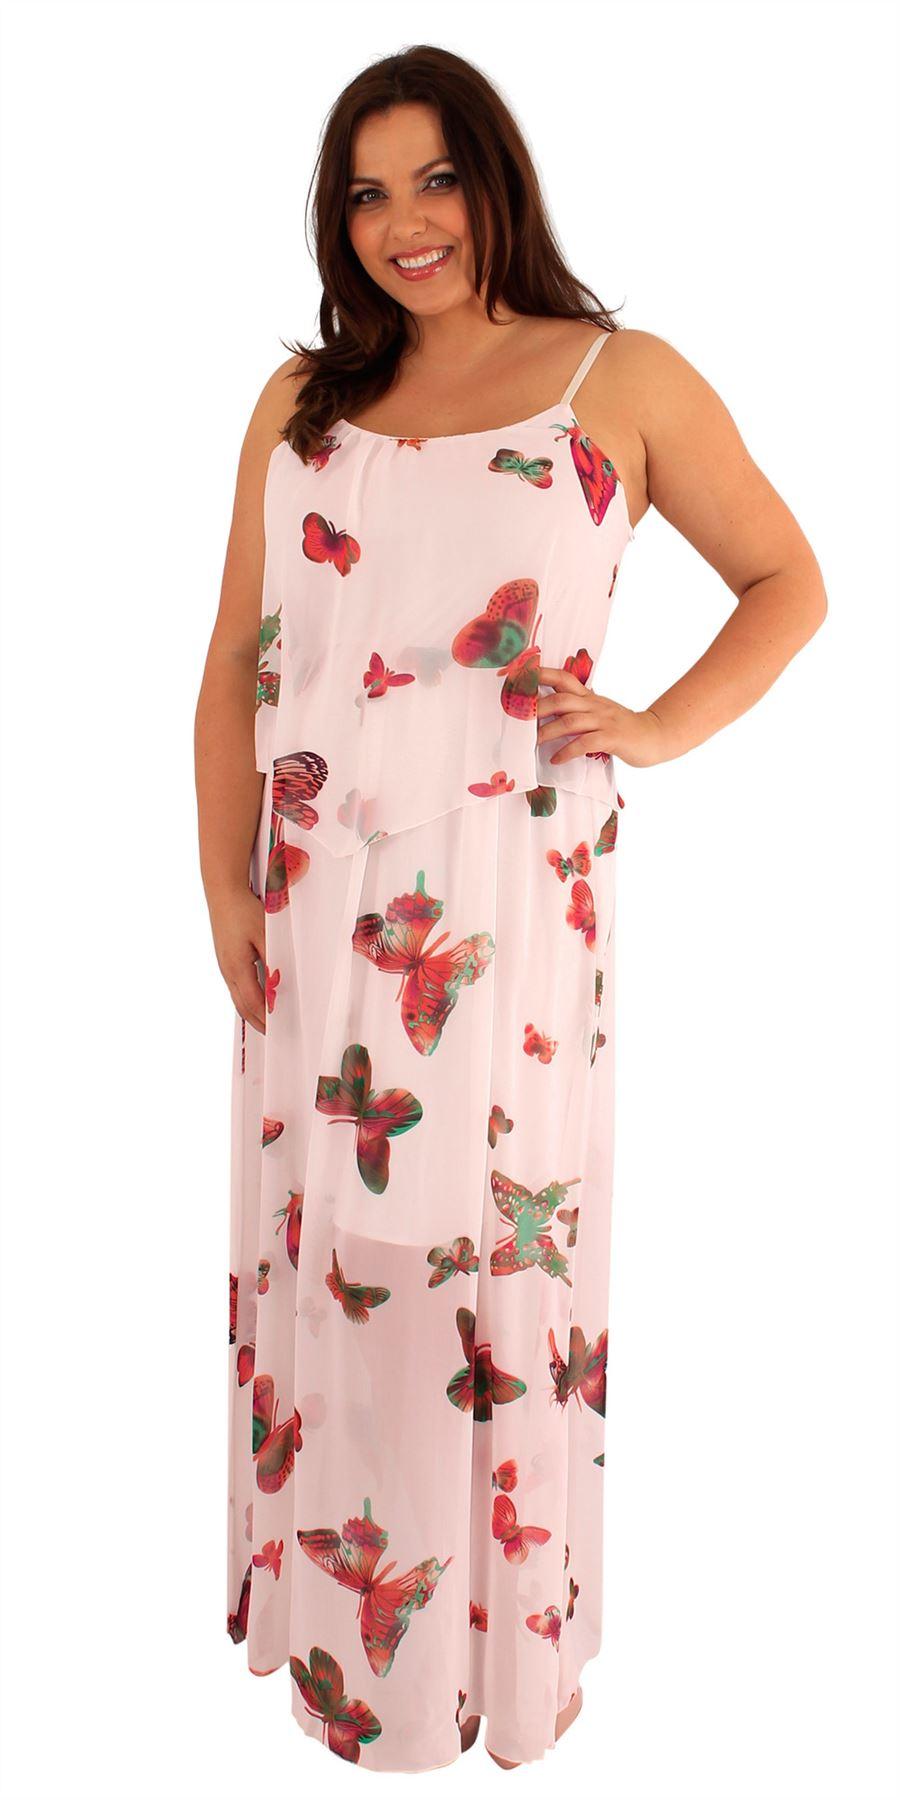 Womens Plus Size Two Layered Chiffon Butterfly Print ...